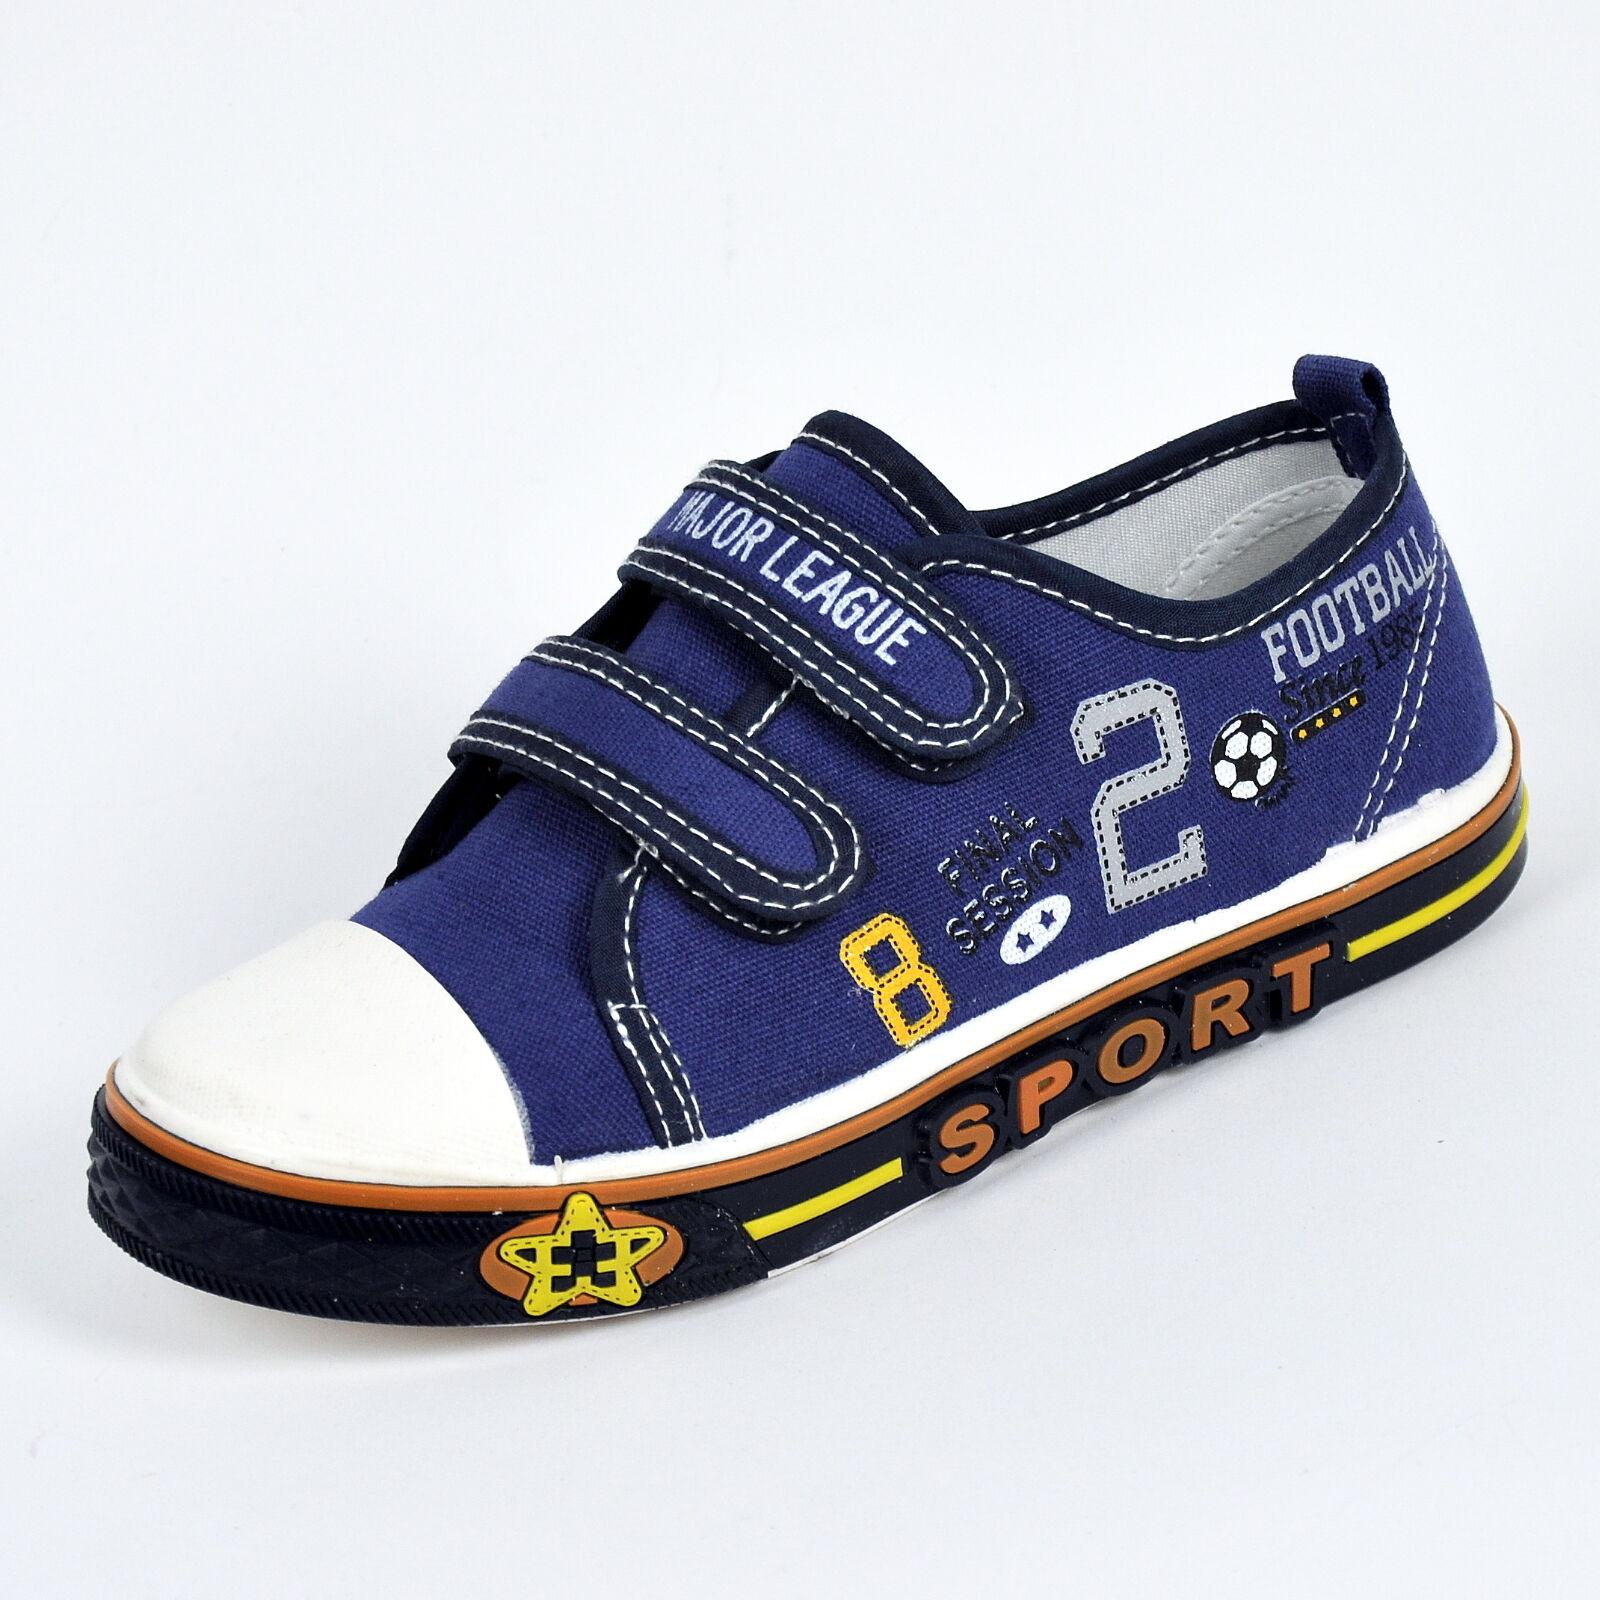 Jungen Canvas Sneaker Kinder Stoffschuhe Turnschuhe Hausschuhe - A805